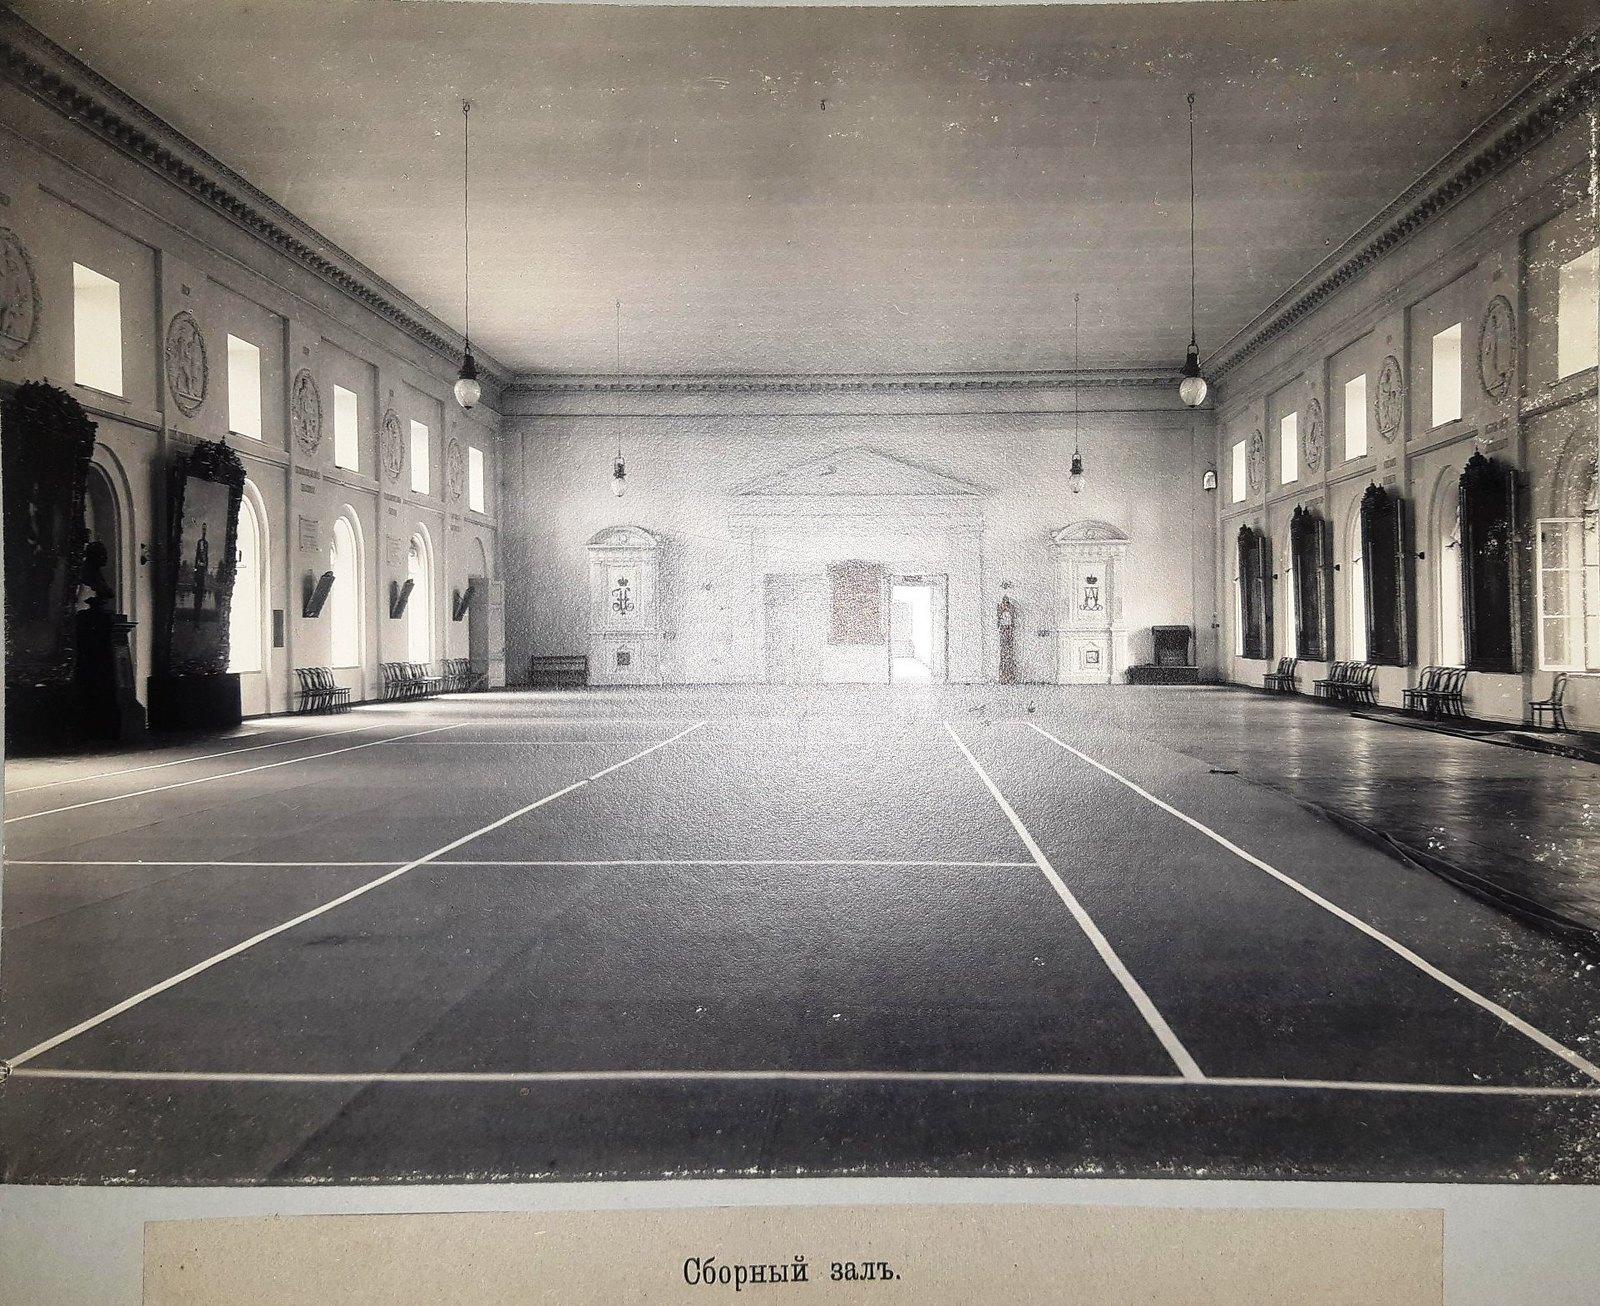 07. Сборный зал